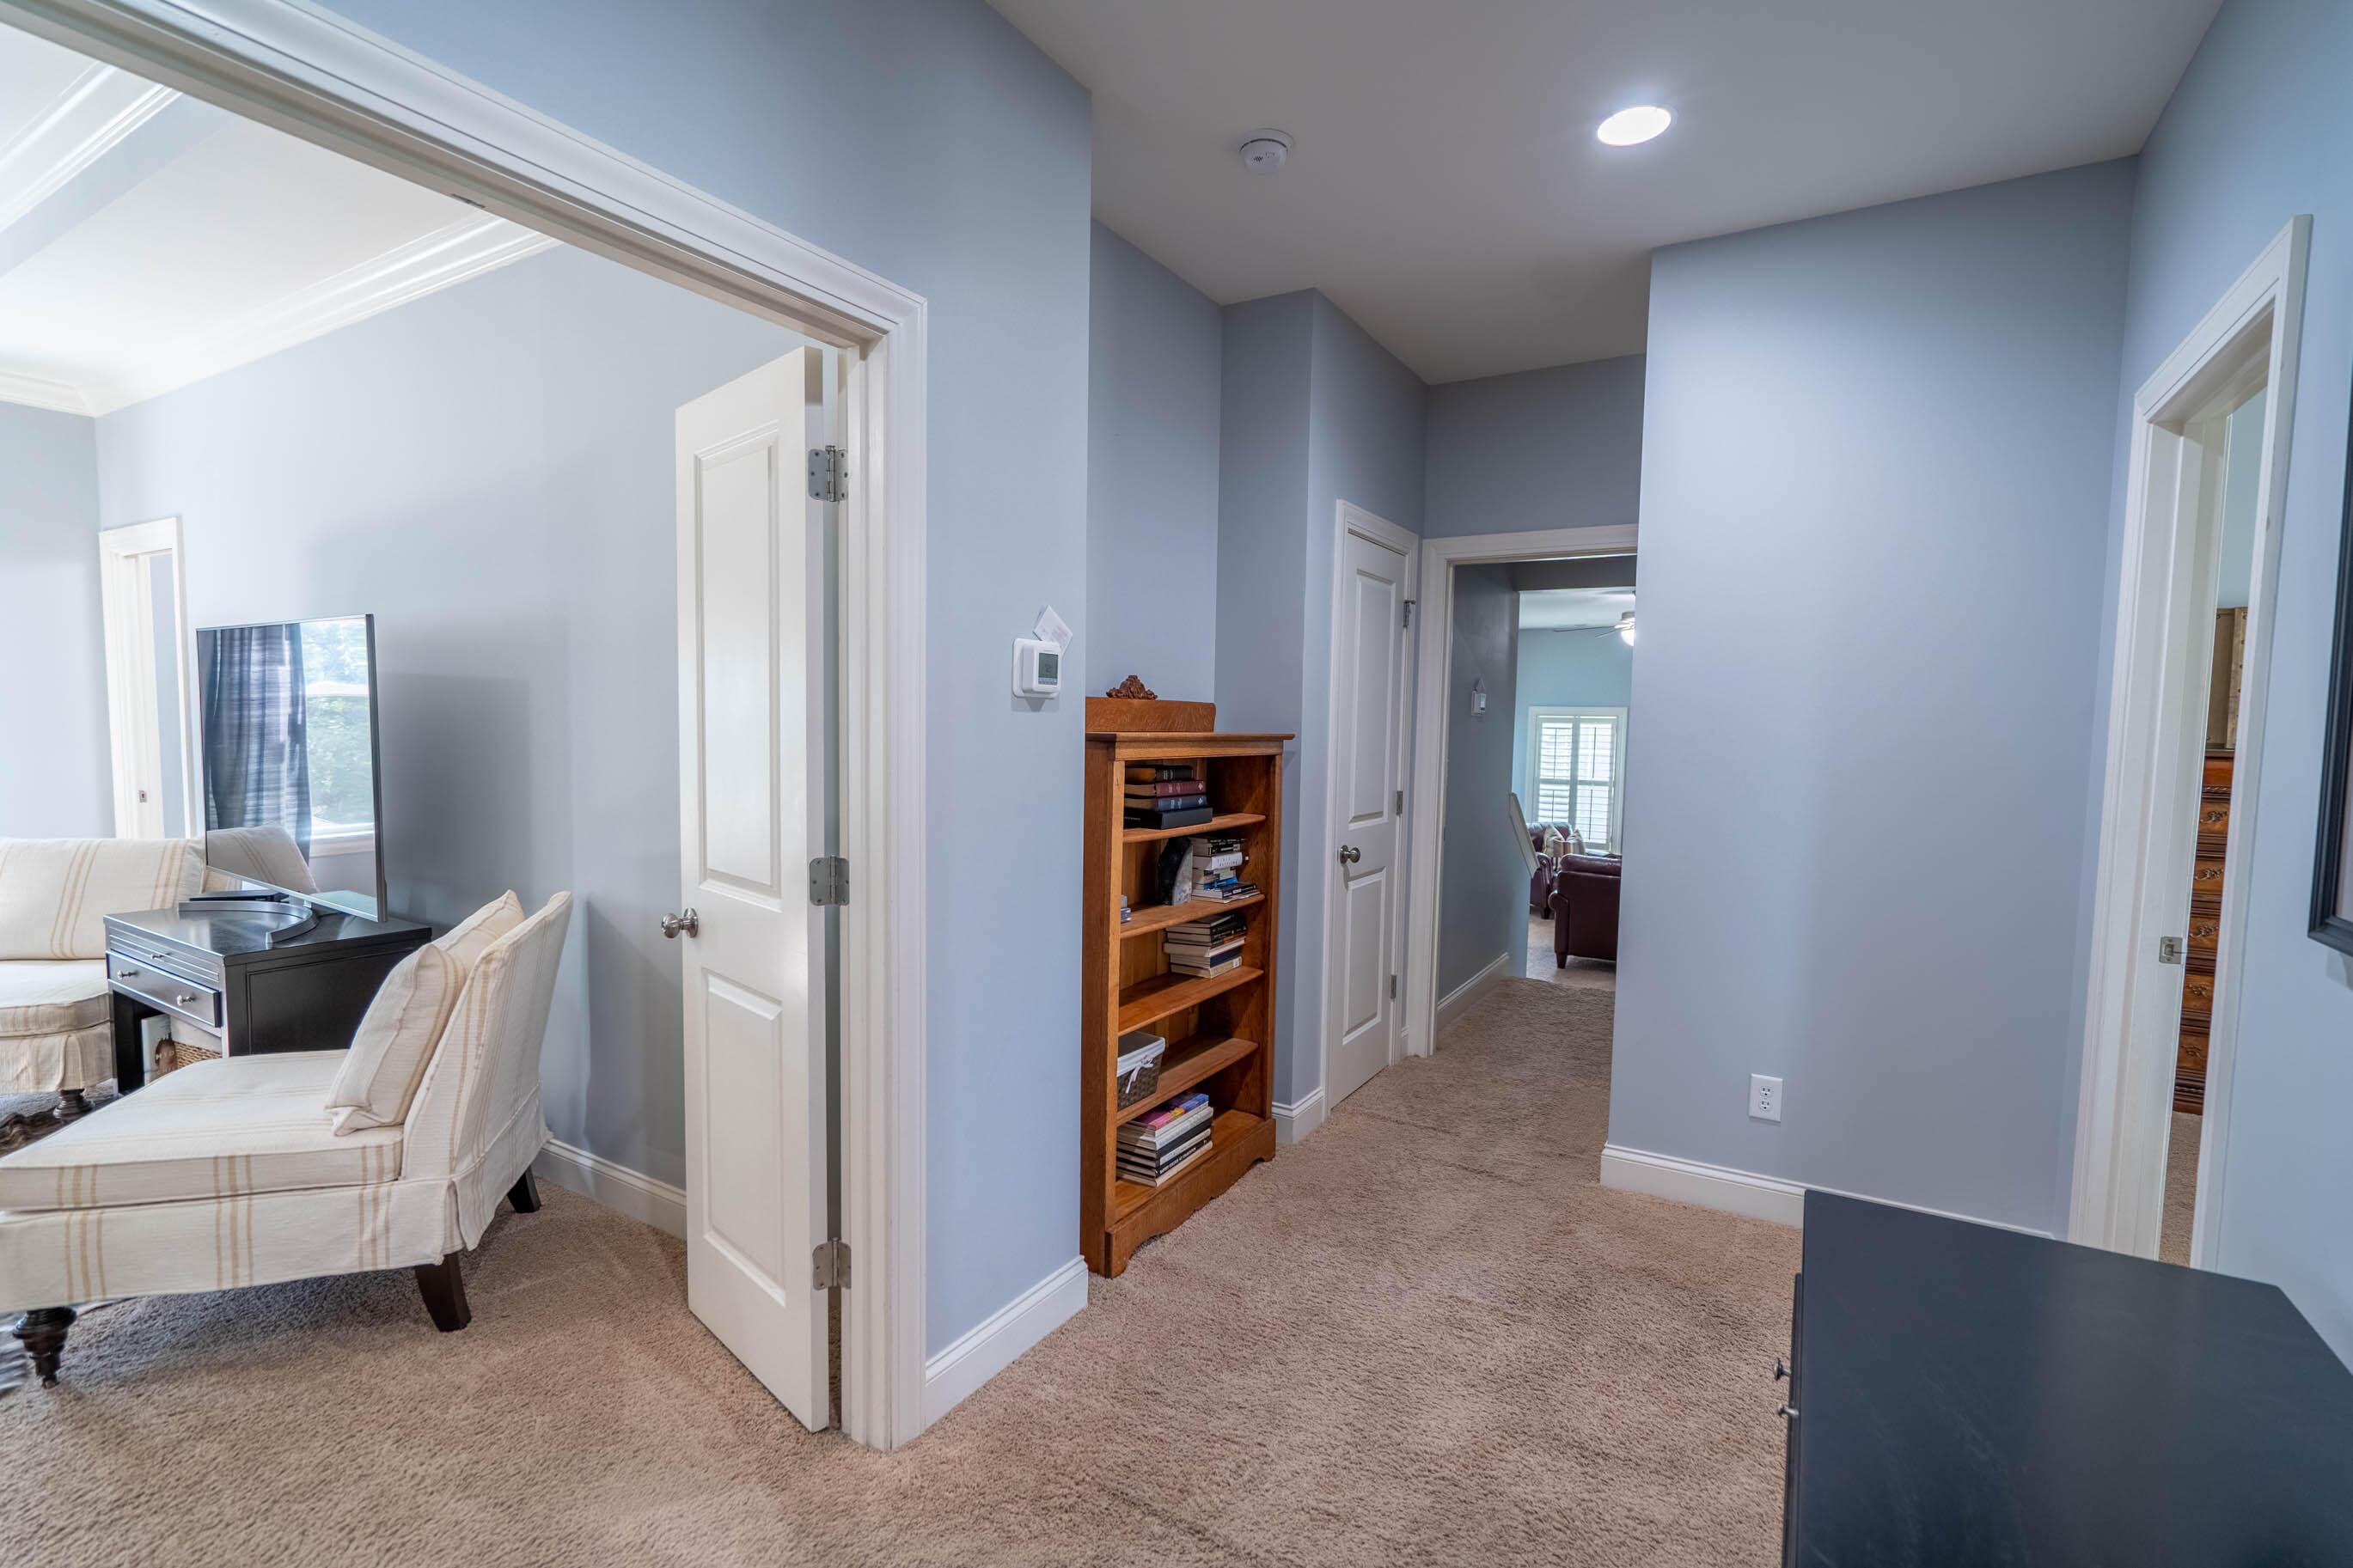 Dunes West Homes For Sale - 2997 Sturbridge, Mount Pleasant, SC - 41